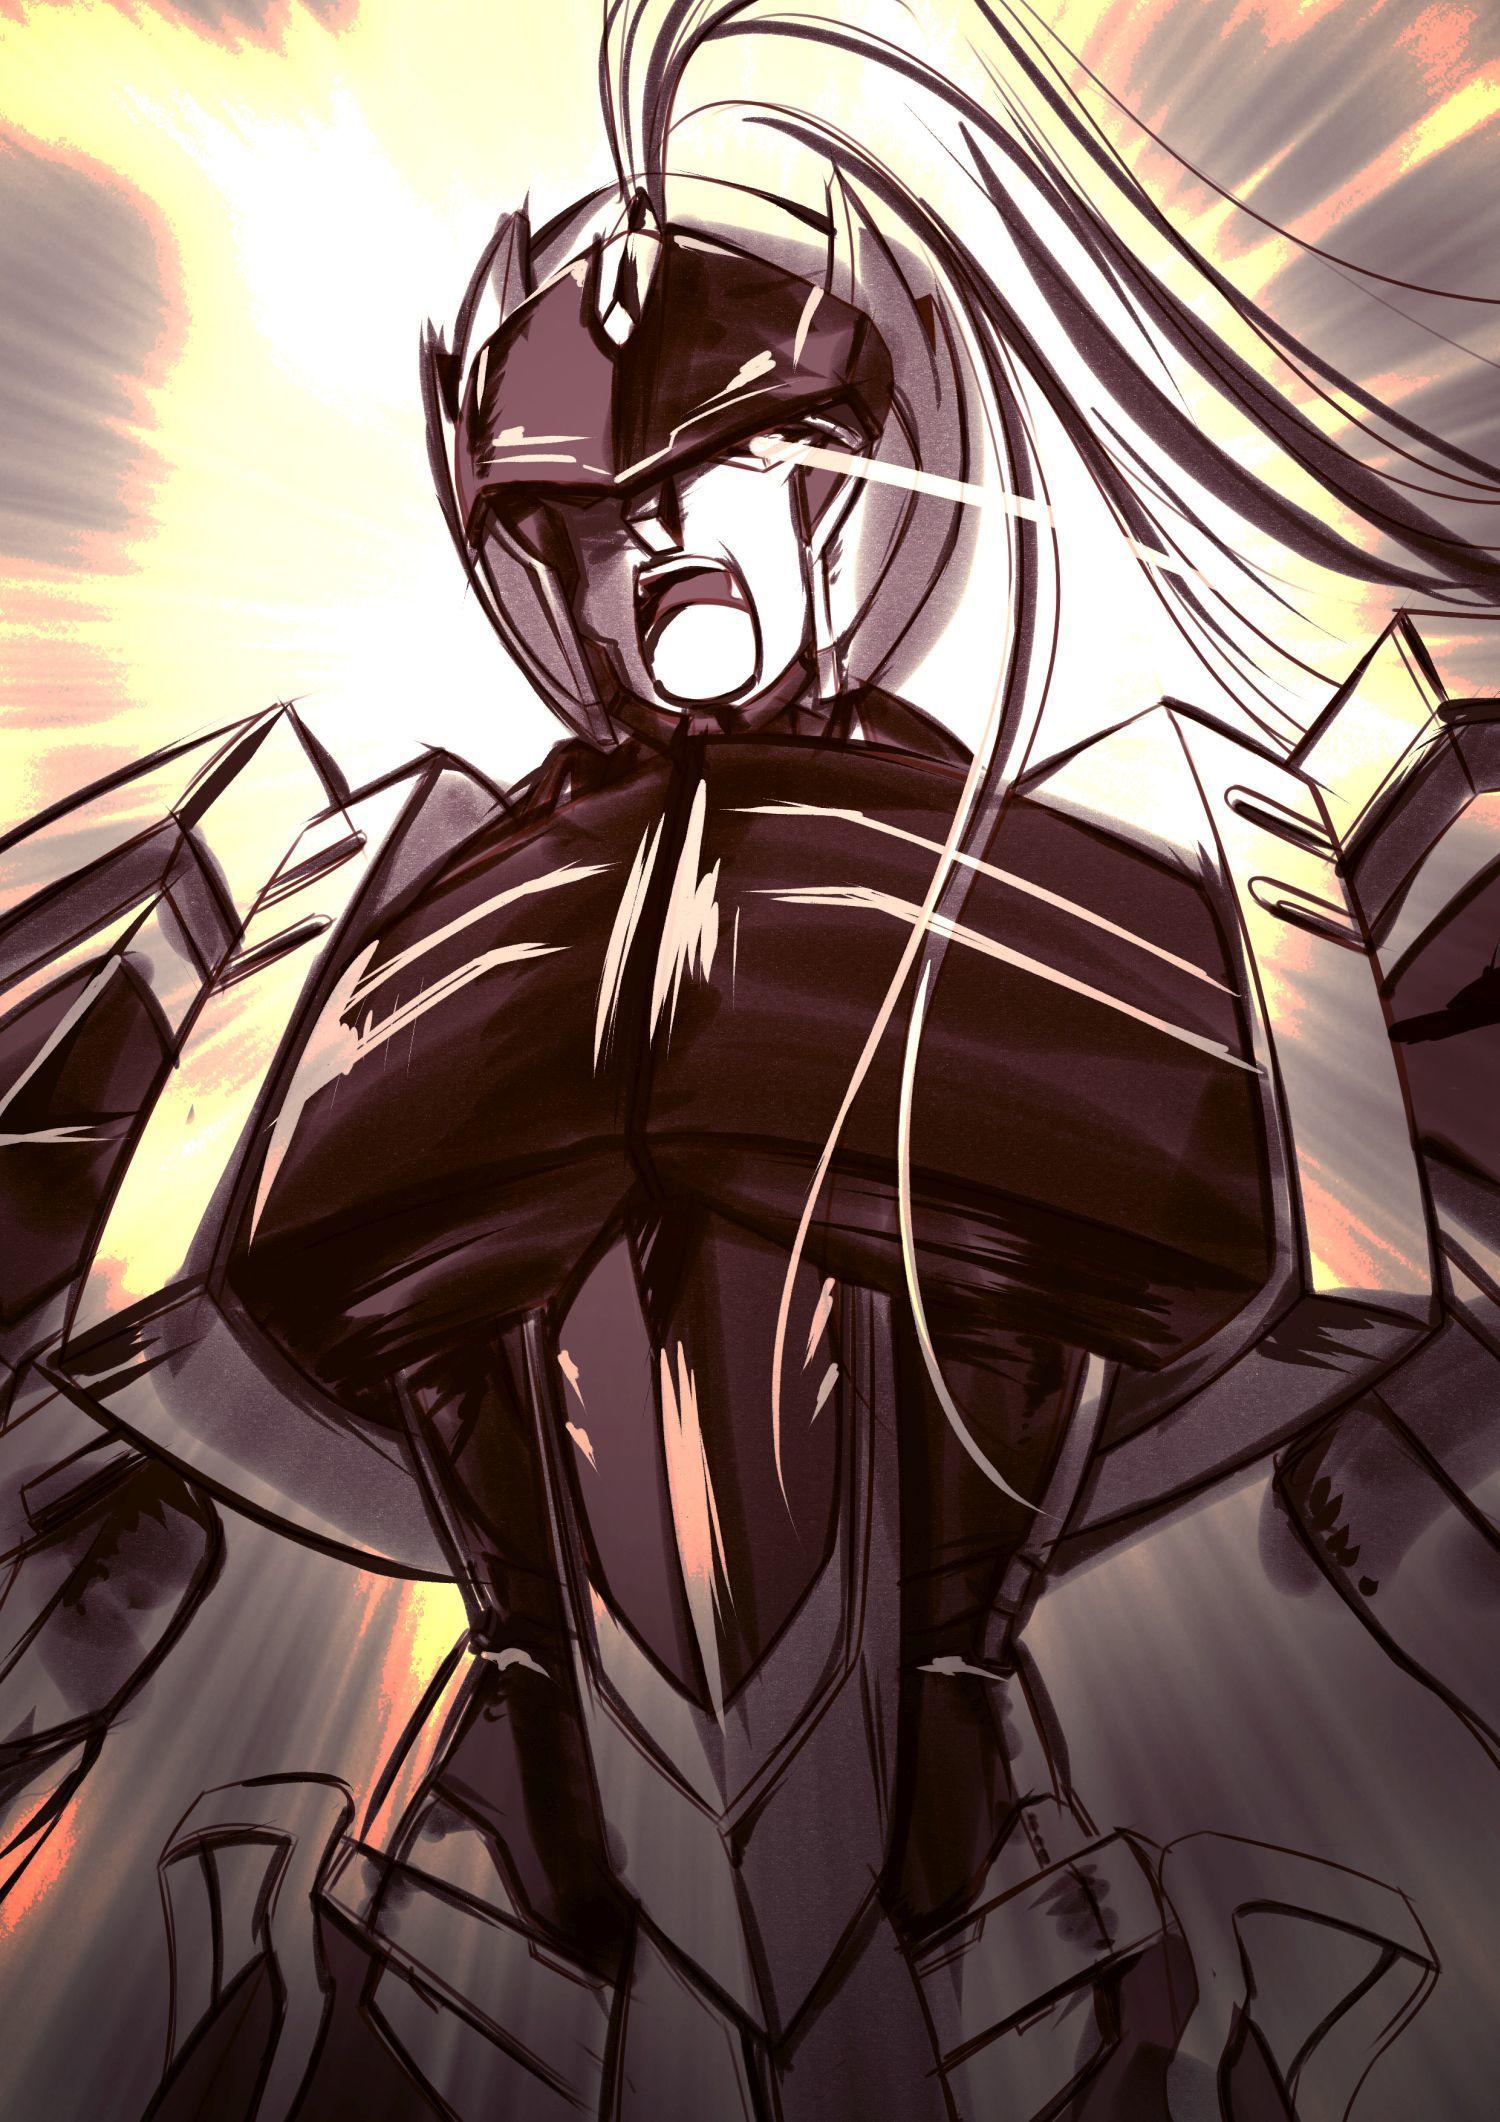 Omega - Megaman Zero